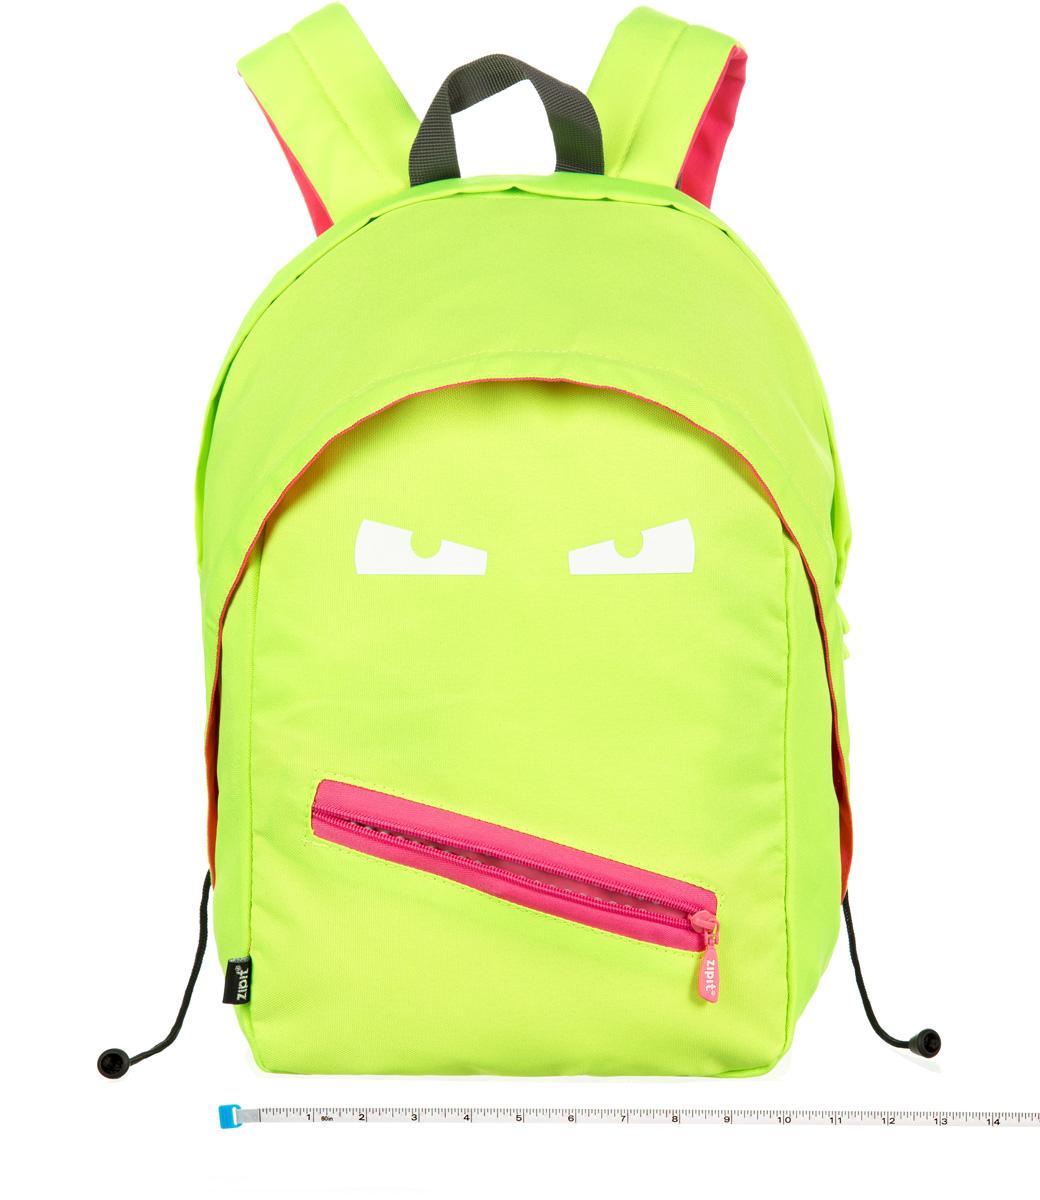 Zipit Рюкзак Grillz Backpacks цвет лаймZBPL-GR-3С рюкзаком Zipit Grillz Backpacks дети будут с хорошим настроением весь день! Крыша, глаза ирасстегивающийся рот - это отличает рюкзак от других! У рюкзака одно основное отделение иодин маленький внешний карман. Мягкая спинка и регулируемые мягкие ремни - все, что нужнодля комфорта!